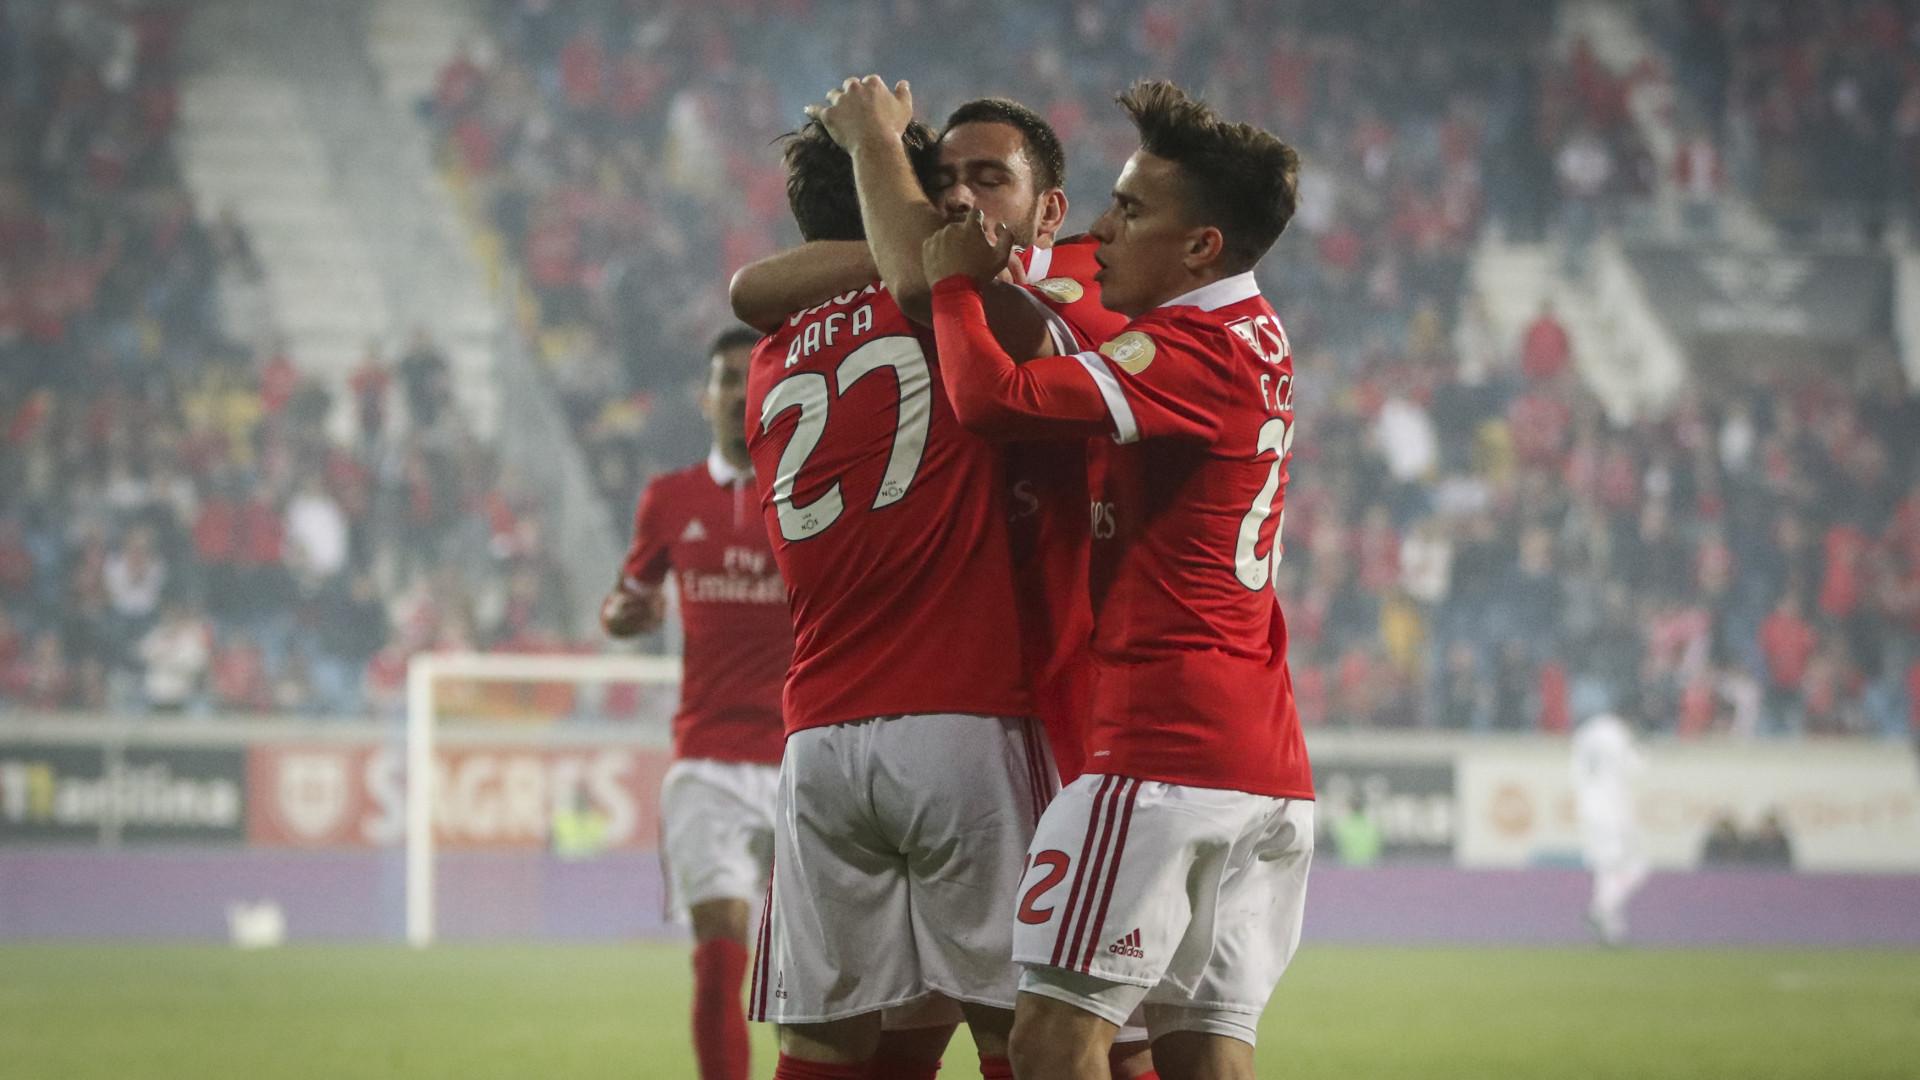 Último suspiro na Amoreira deixou Benfica vivo na luta pelo Penta